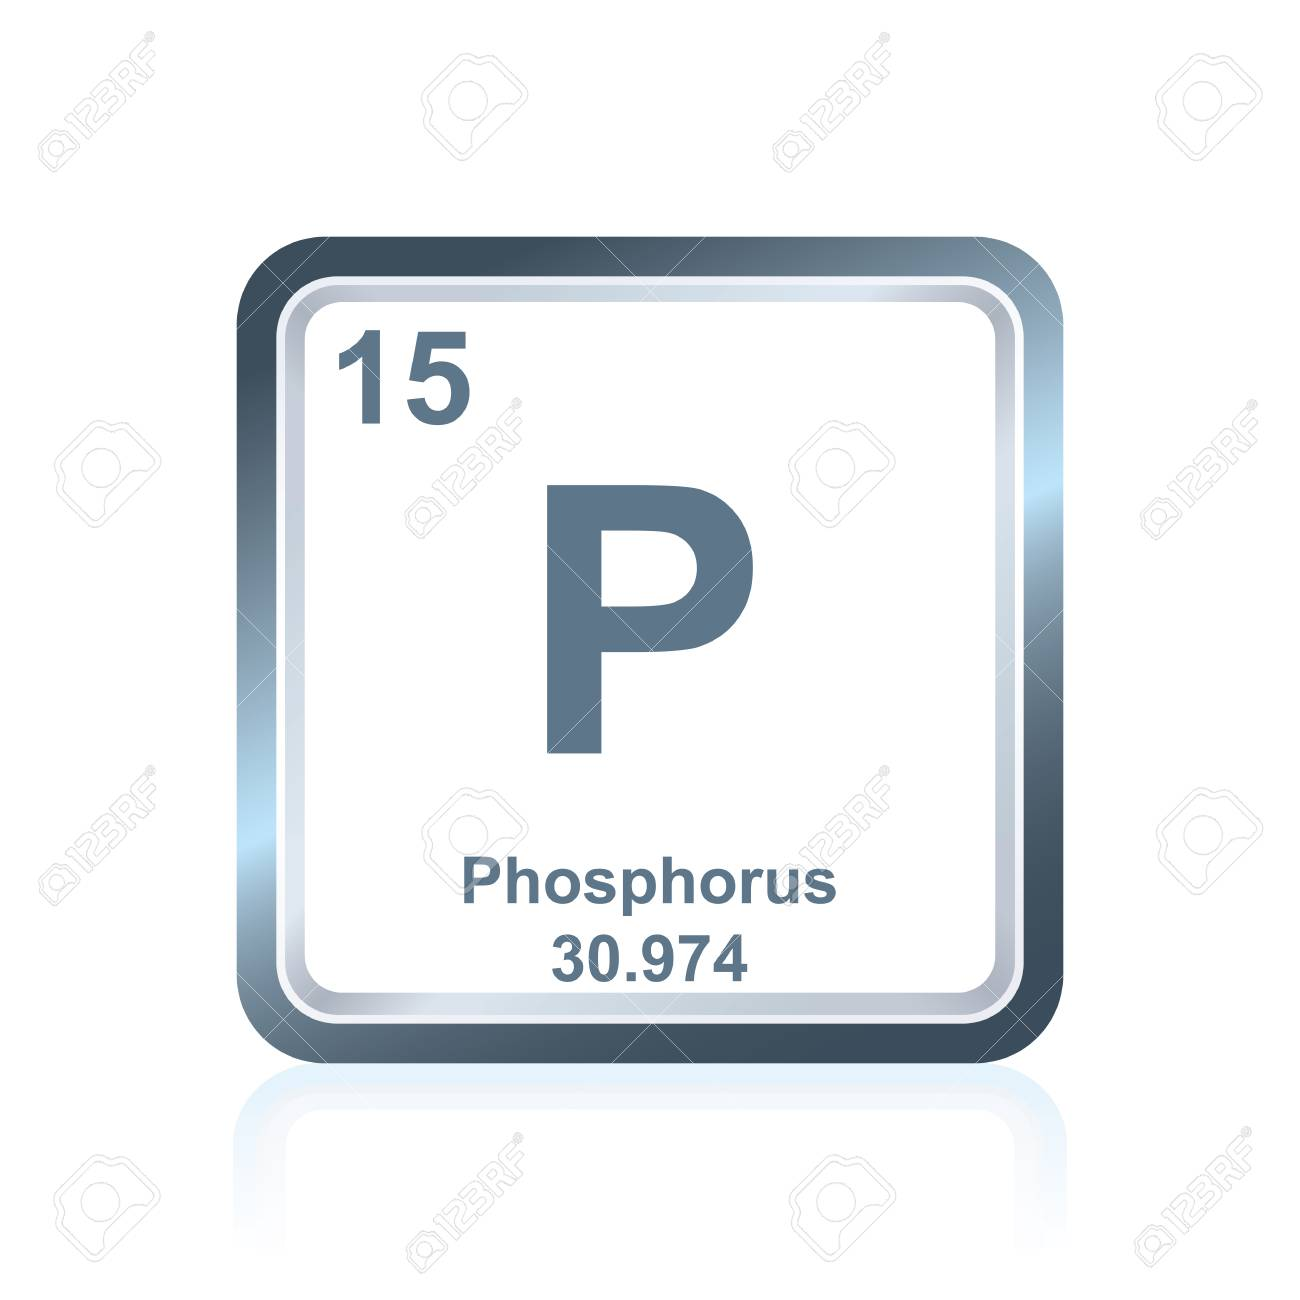 Smbolo del elemento qumico fsforo como se ve en la tabla foto de archivo smbolo del elemento qumico fsforo como se ve en la tabla peridica de los elementos incluido el nmero atmico y el peso atmico urtaz Image collections